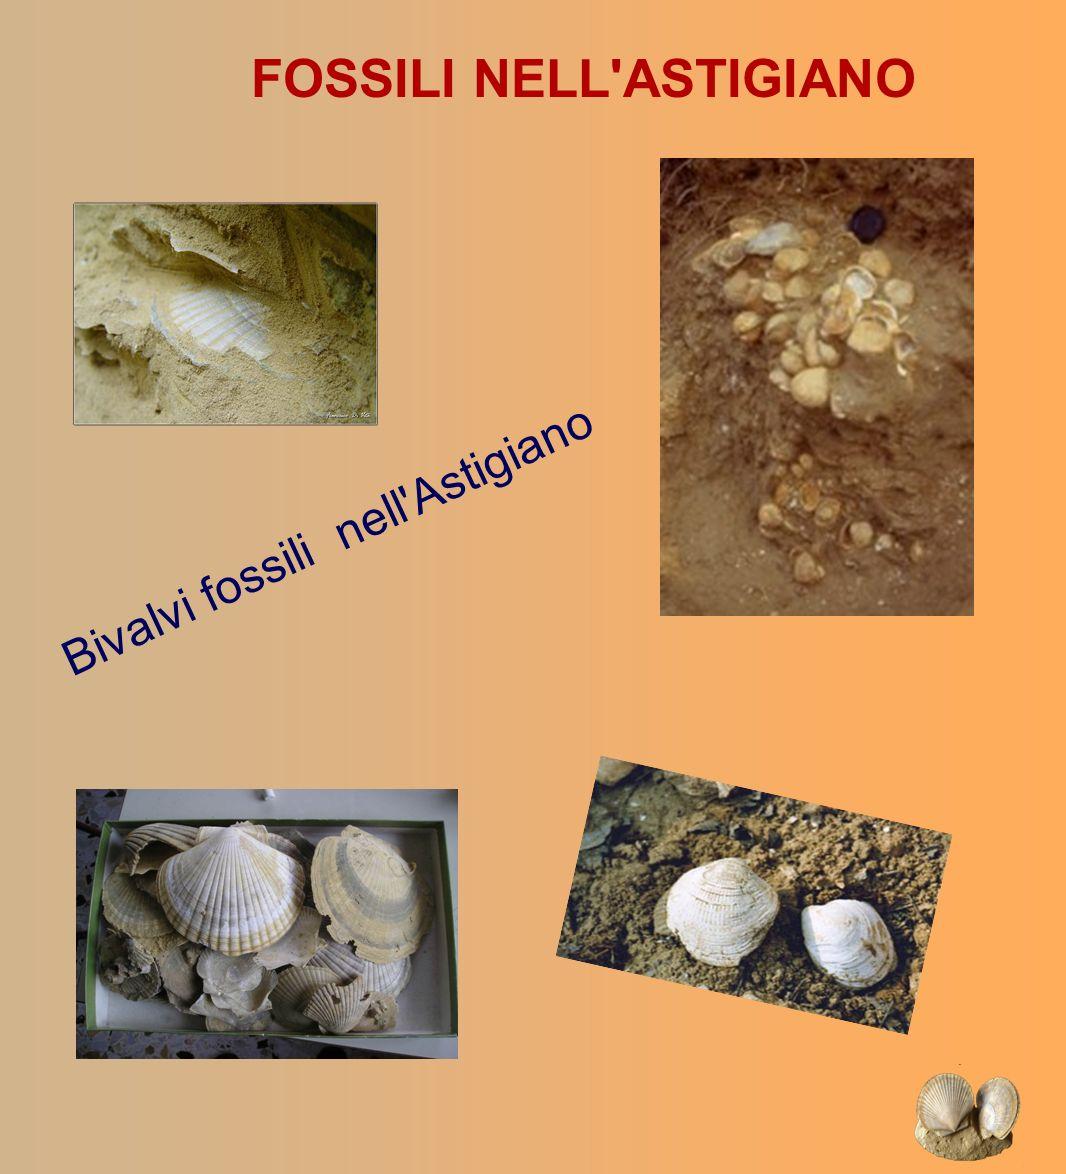 Bivalvi fossili nell Astigiano